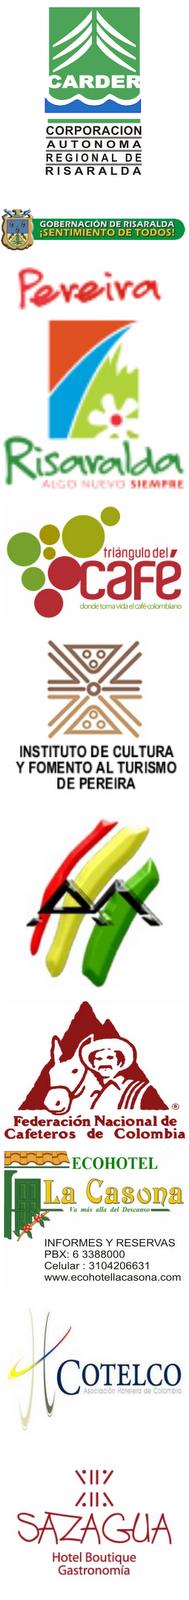 INSTITUCIONES QUE APOYAN EL SIMPOSIO